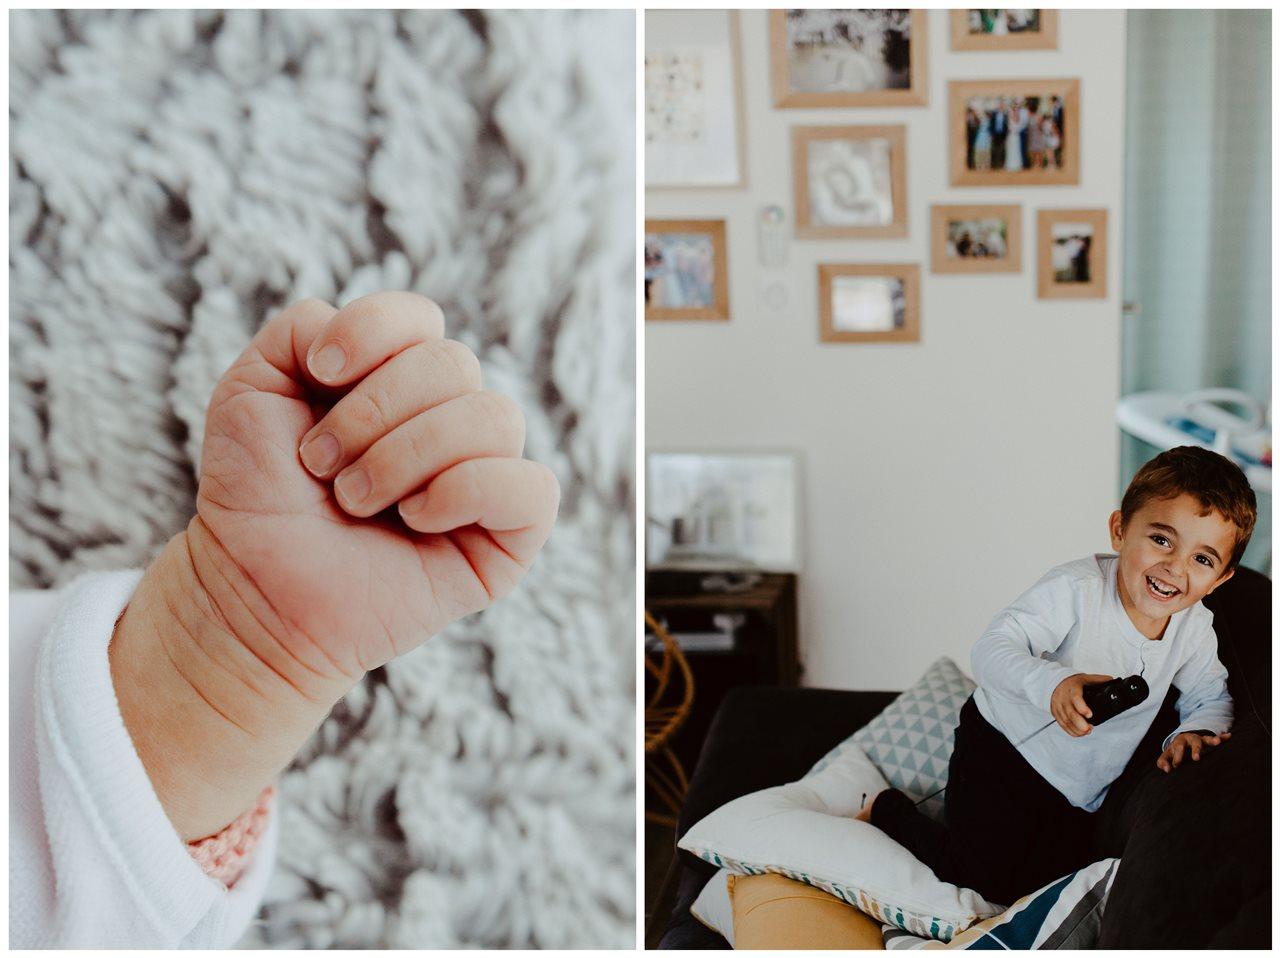 séance famille nouveau-né lifestyle détail main bébé et portrait petit garçon